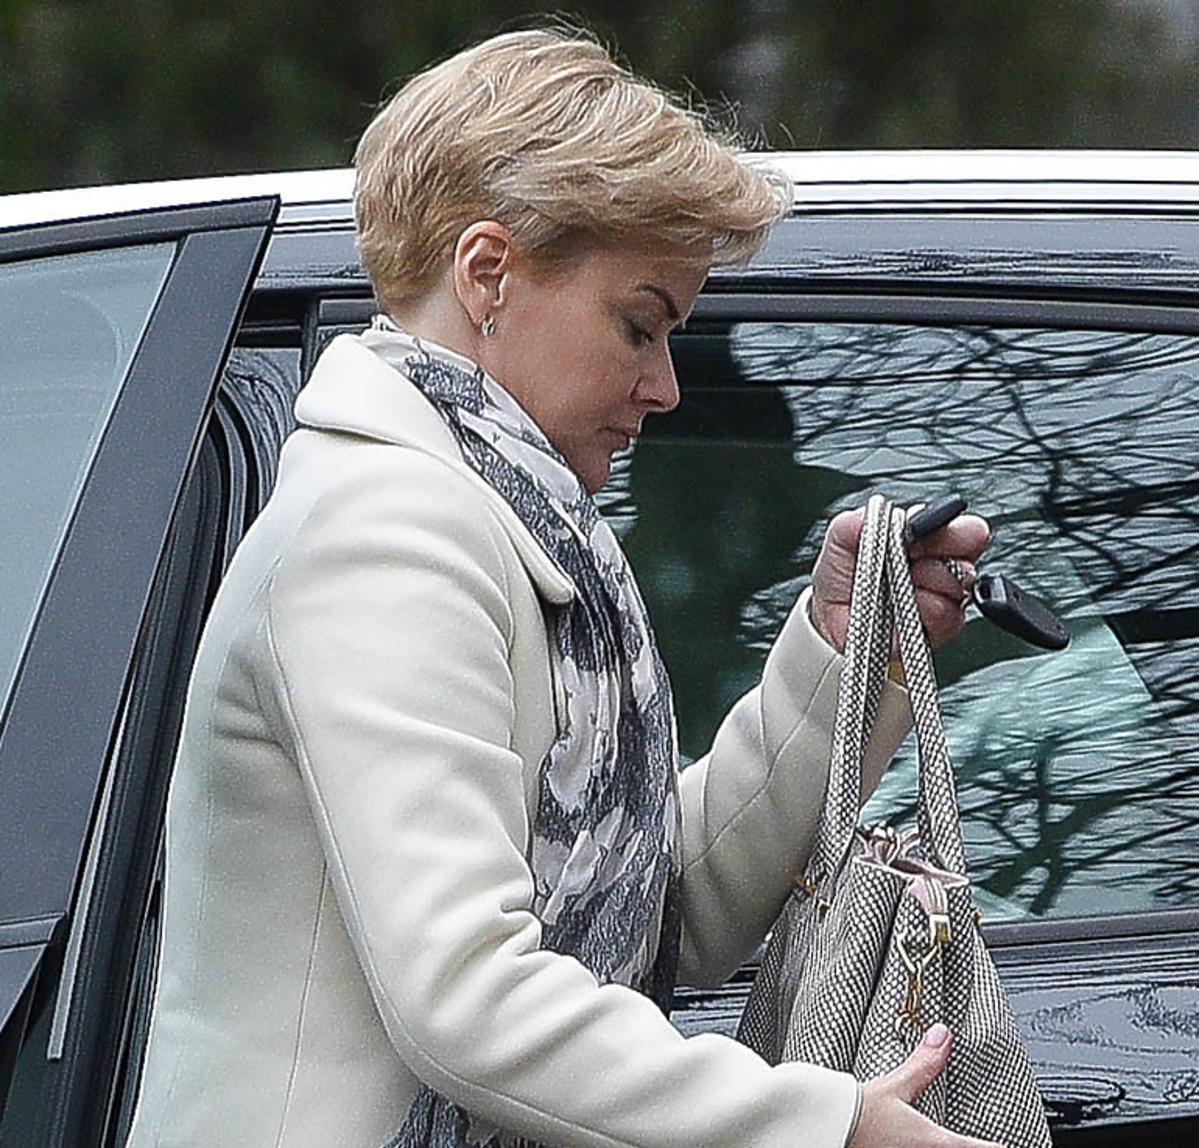 Monika Zamachowska w białym płaszczu wsiada do samochodu